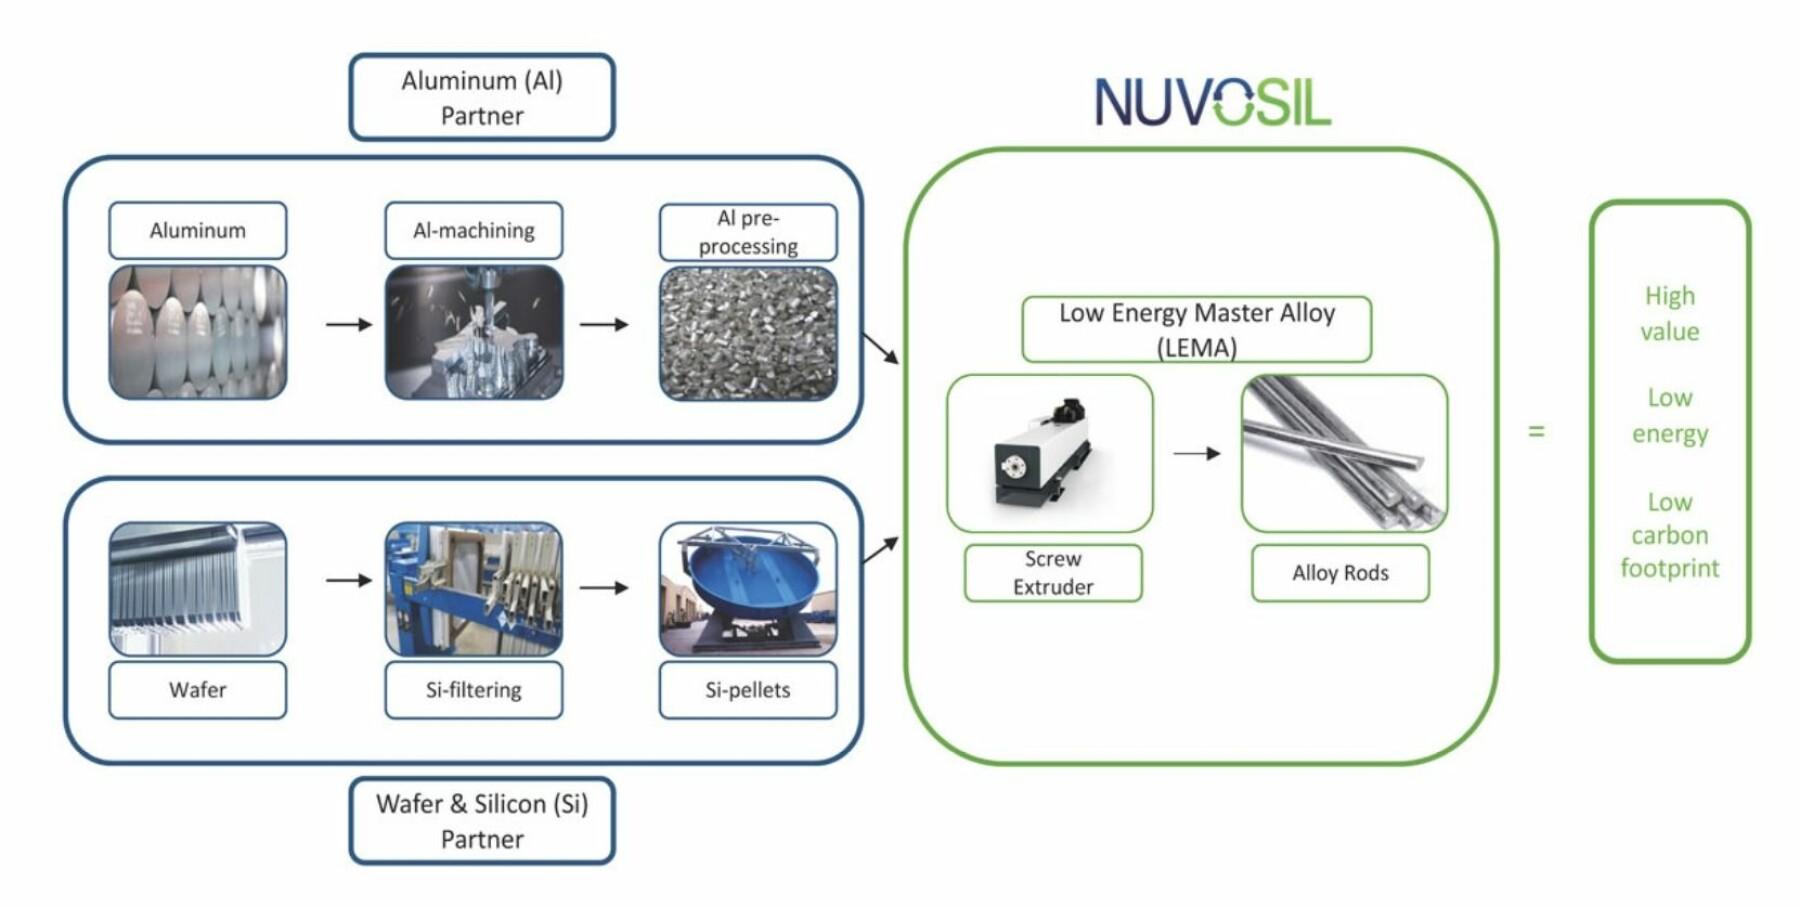 Dette er verdikjeden for Nuvosil-prosessen. Den gir høy effektivitet med lavt energiforbruk. Teknologien ble opprinnelig utviklet for bruk på forskjellige resirkulerbare aluminiumsmaterialer.